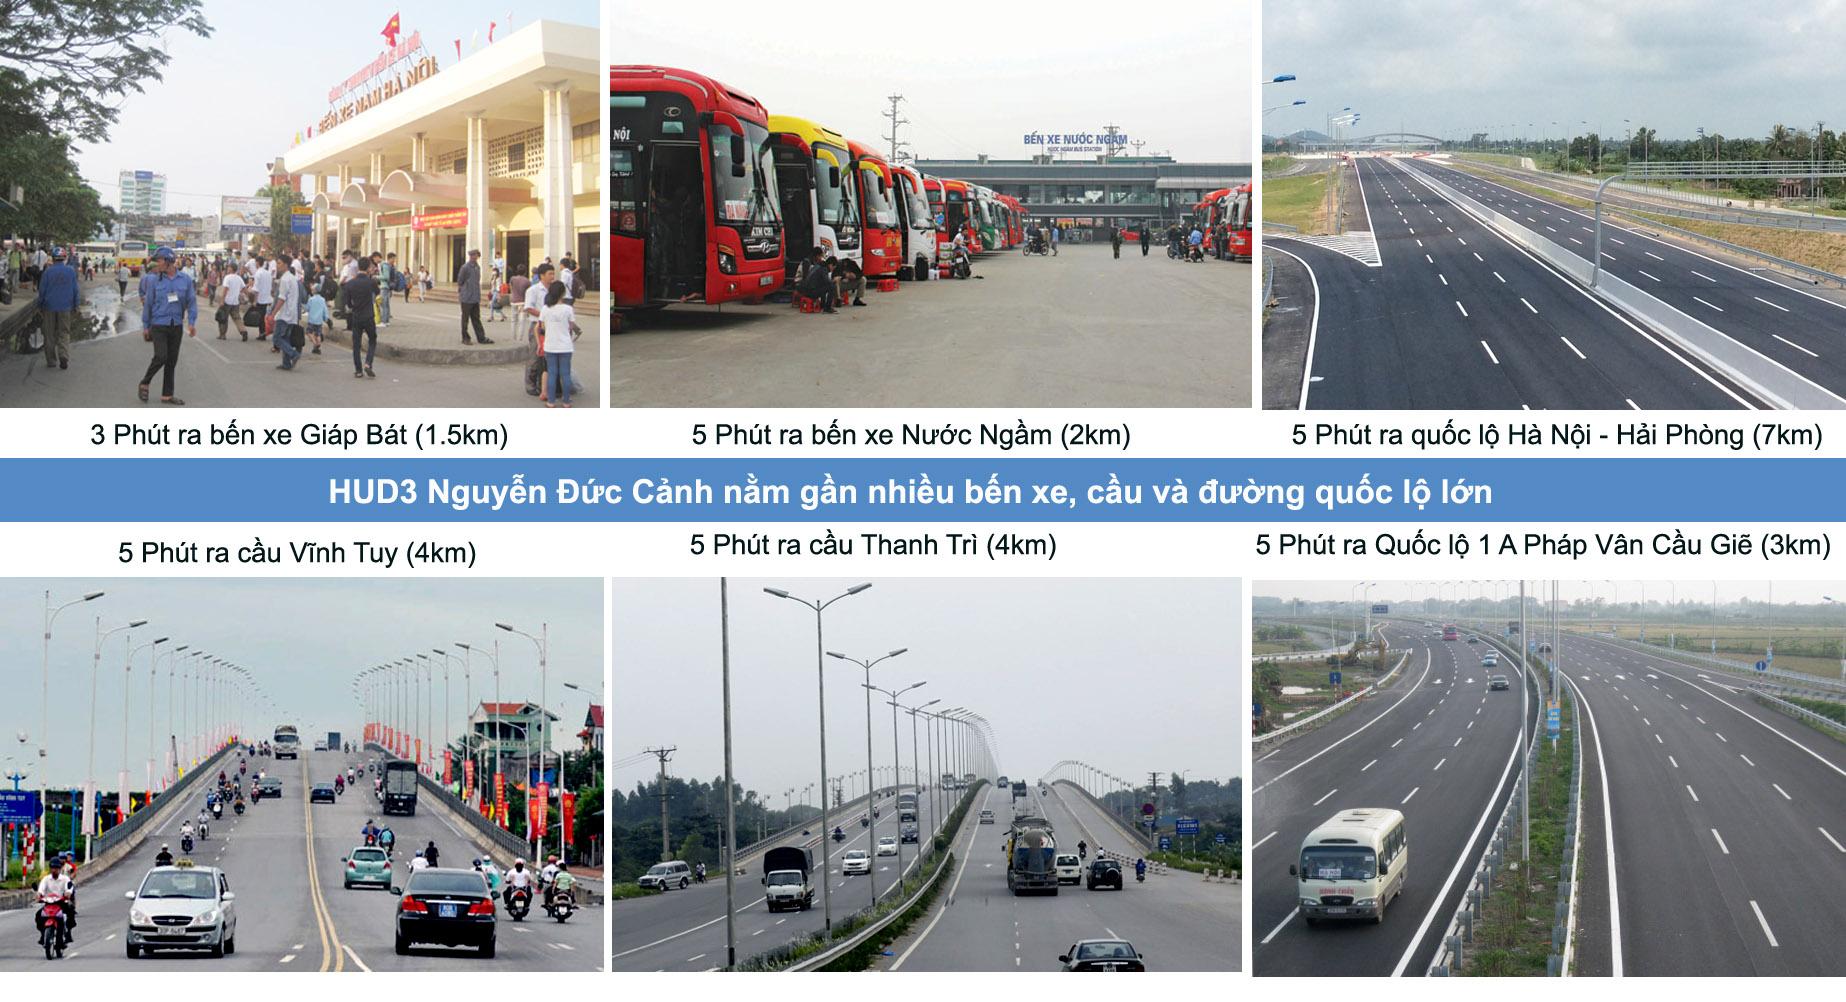 Giao thông HUD3 Nguyễn Đức Cảnh